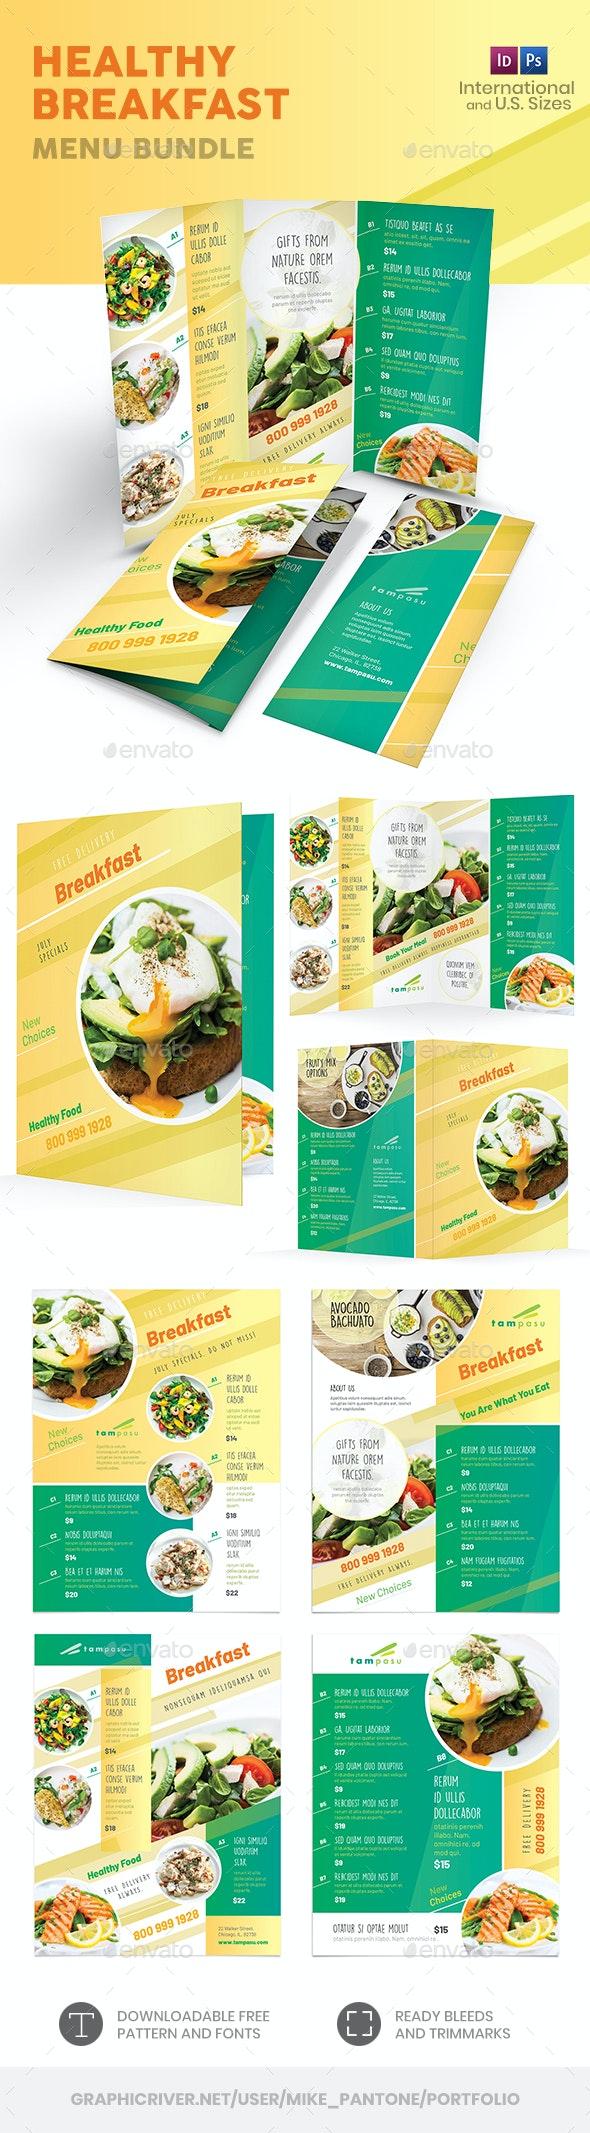 Healthy Breakfast Menu Print Bundle - Food Menus Print Templates